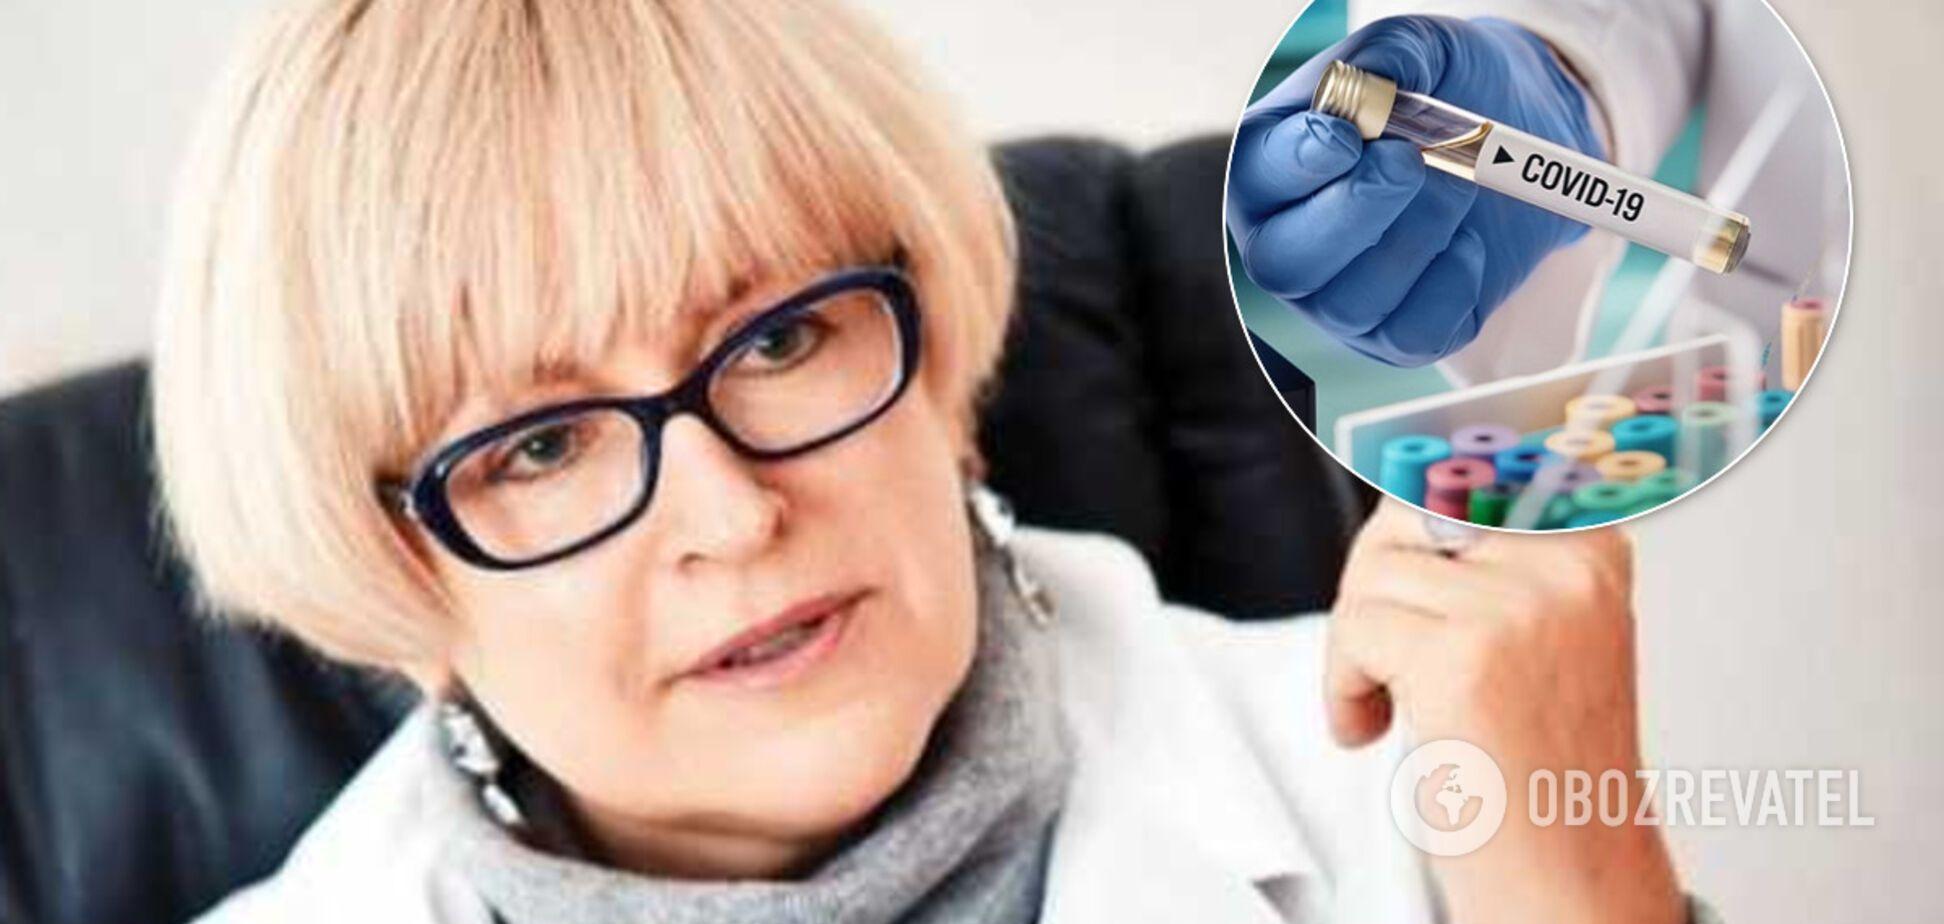 В лечении коронавируса возникла серьезная проблема: украинский врач сказала, что не так